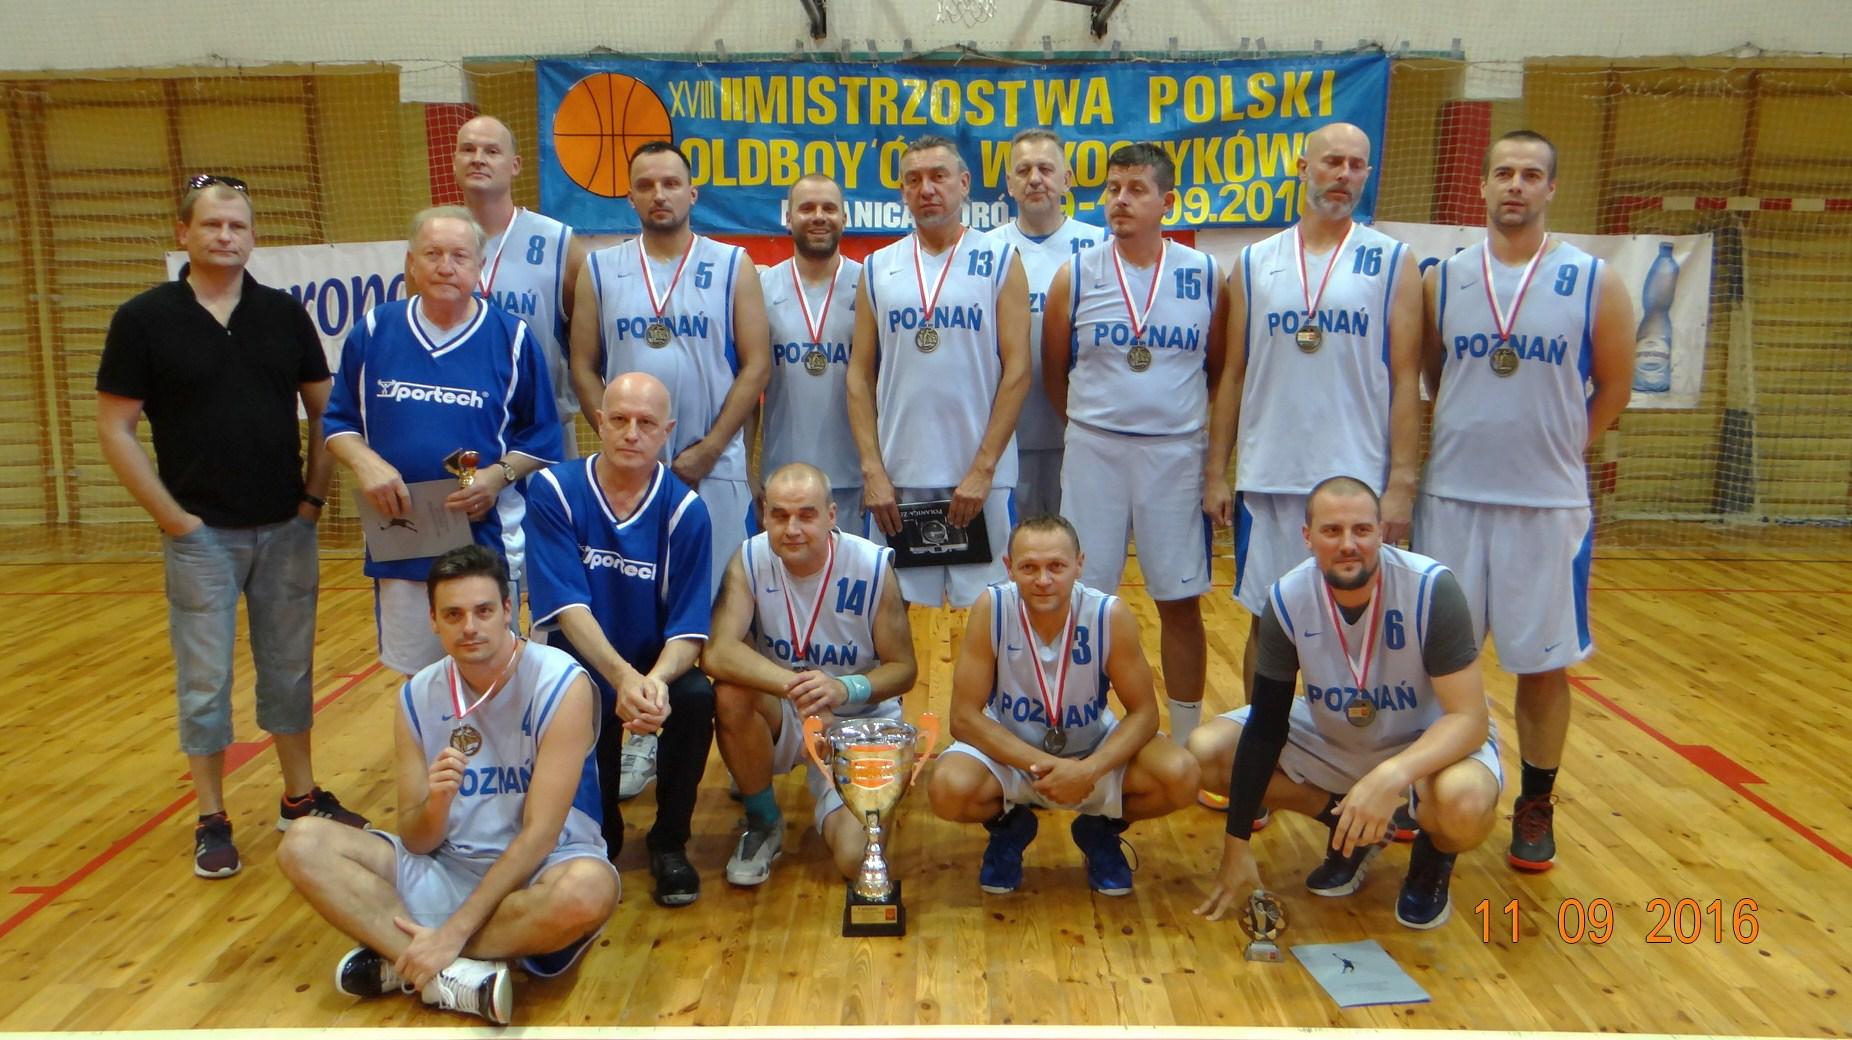 XVIII Mistrzostw Polski Oldboyów - Poznań 2016